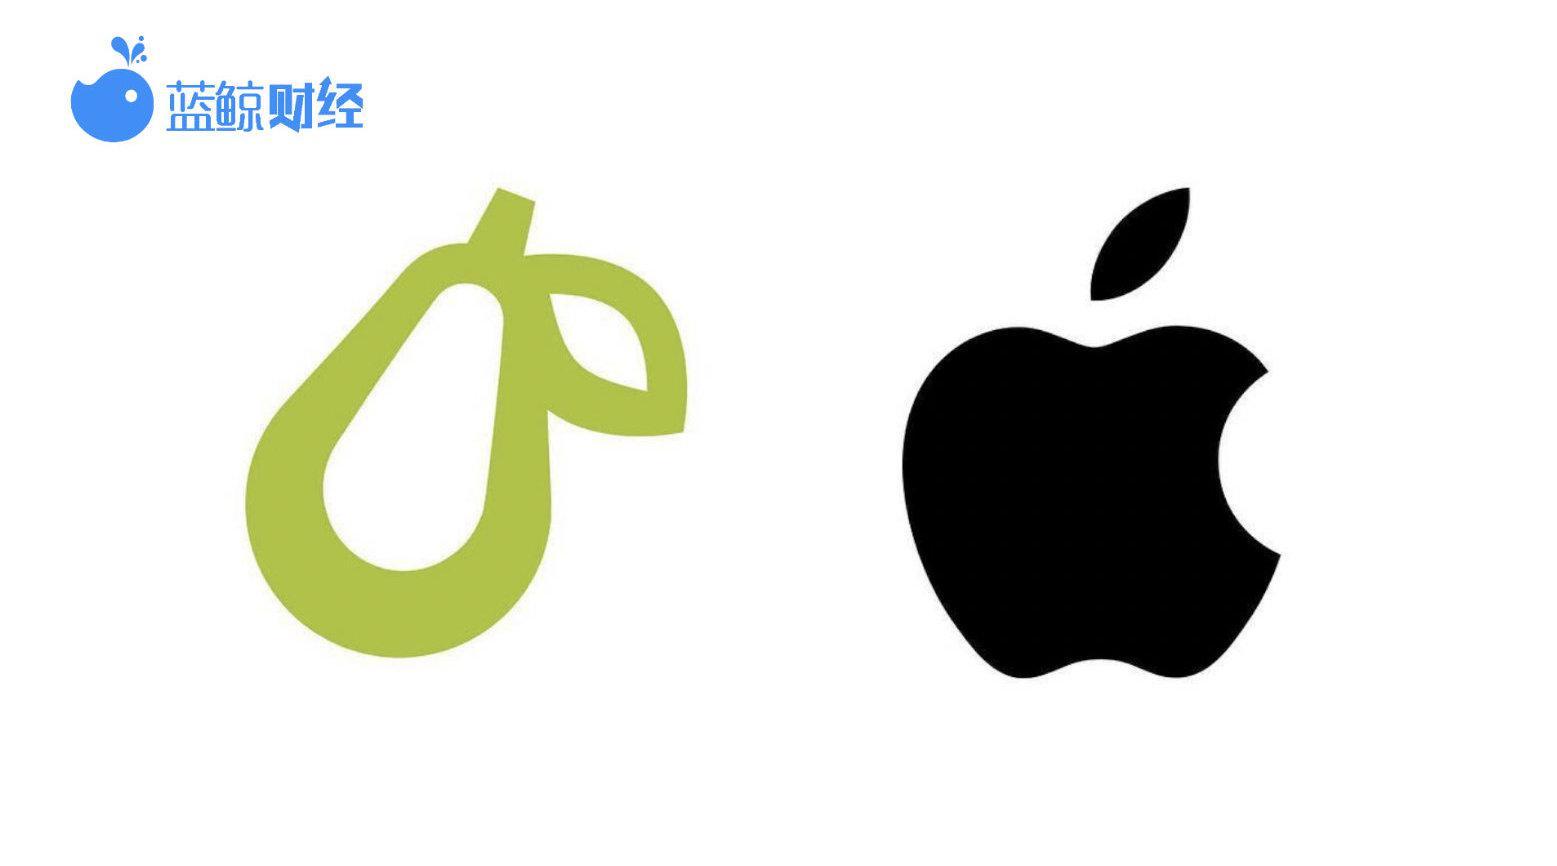 苹果起诉创业公司梨状logo ,因商标相似有损品牌